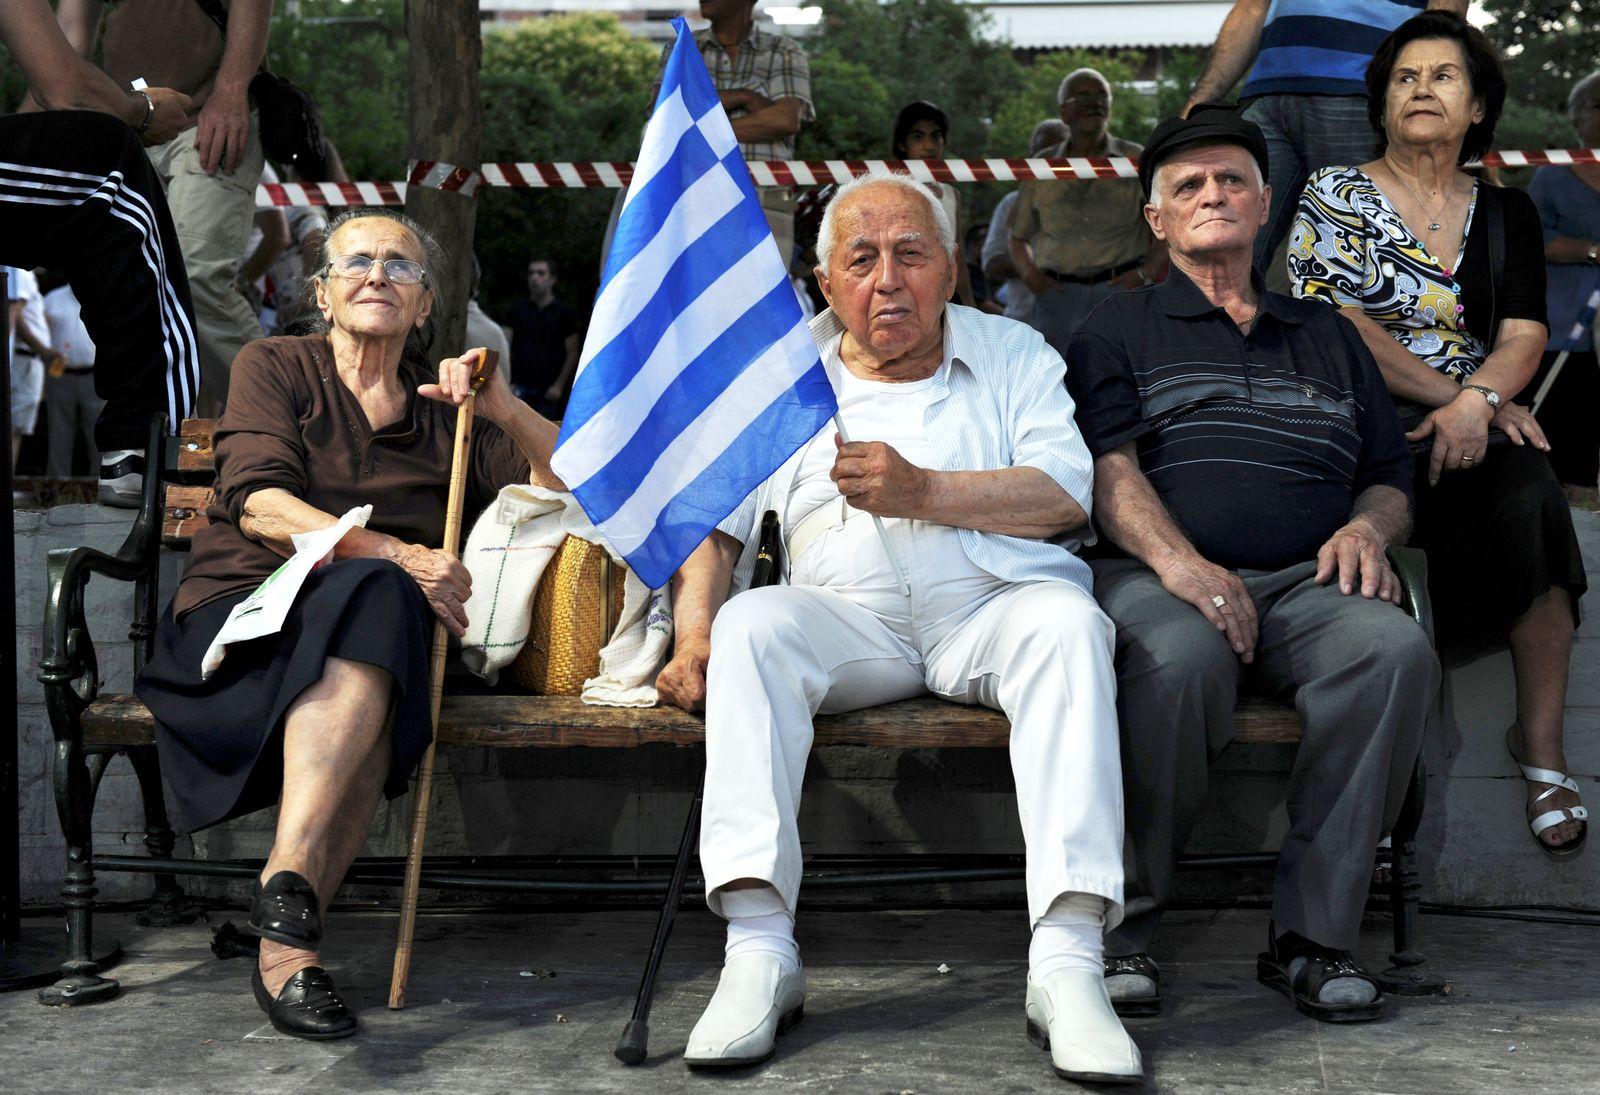 Griechenland / Finanzkrise / Rentner